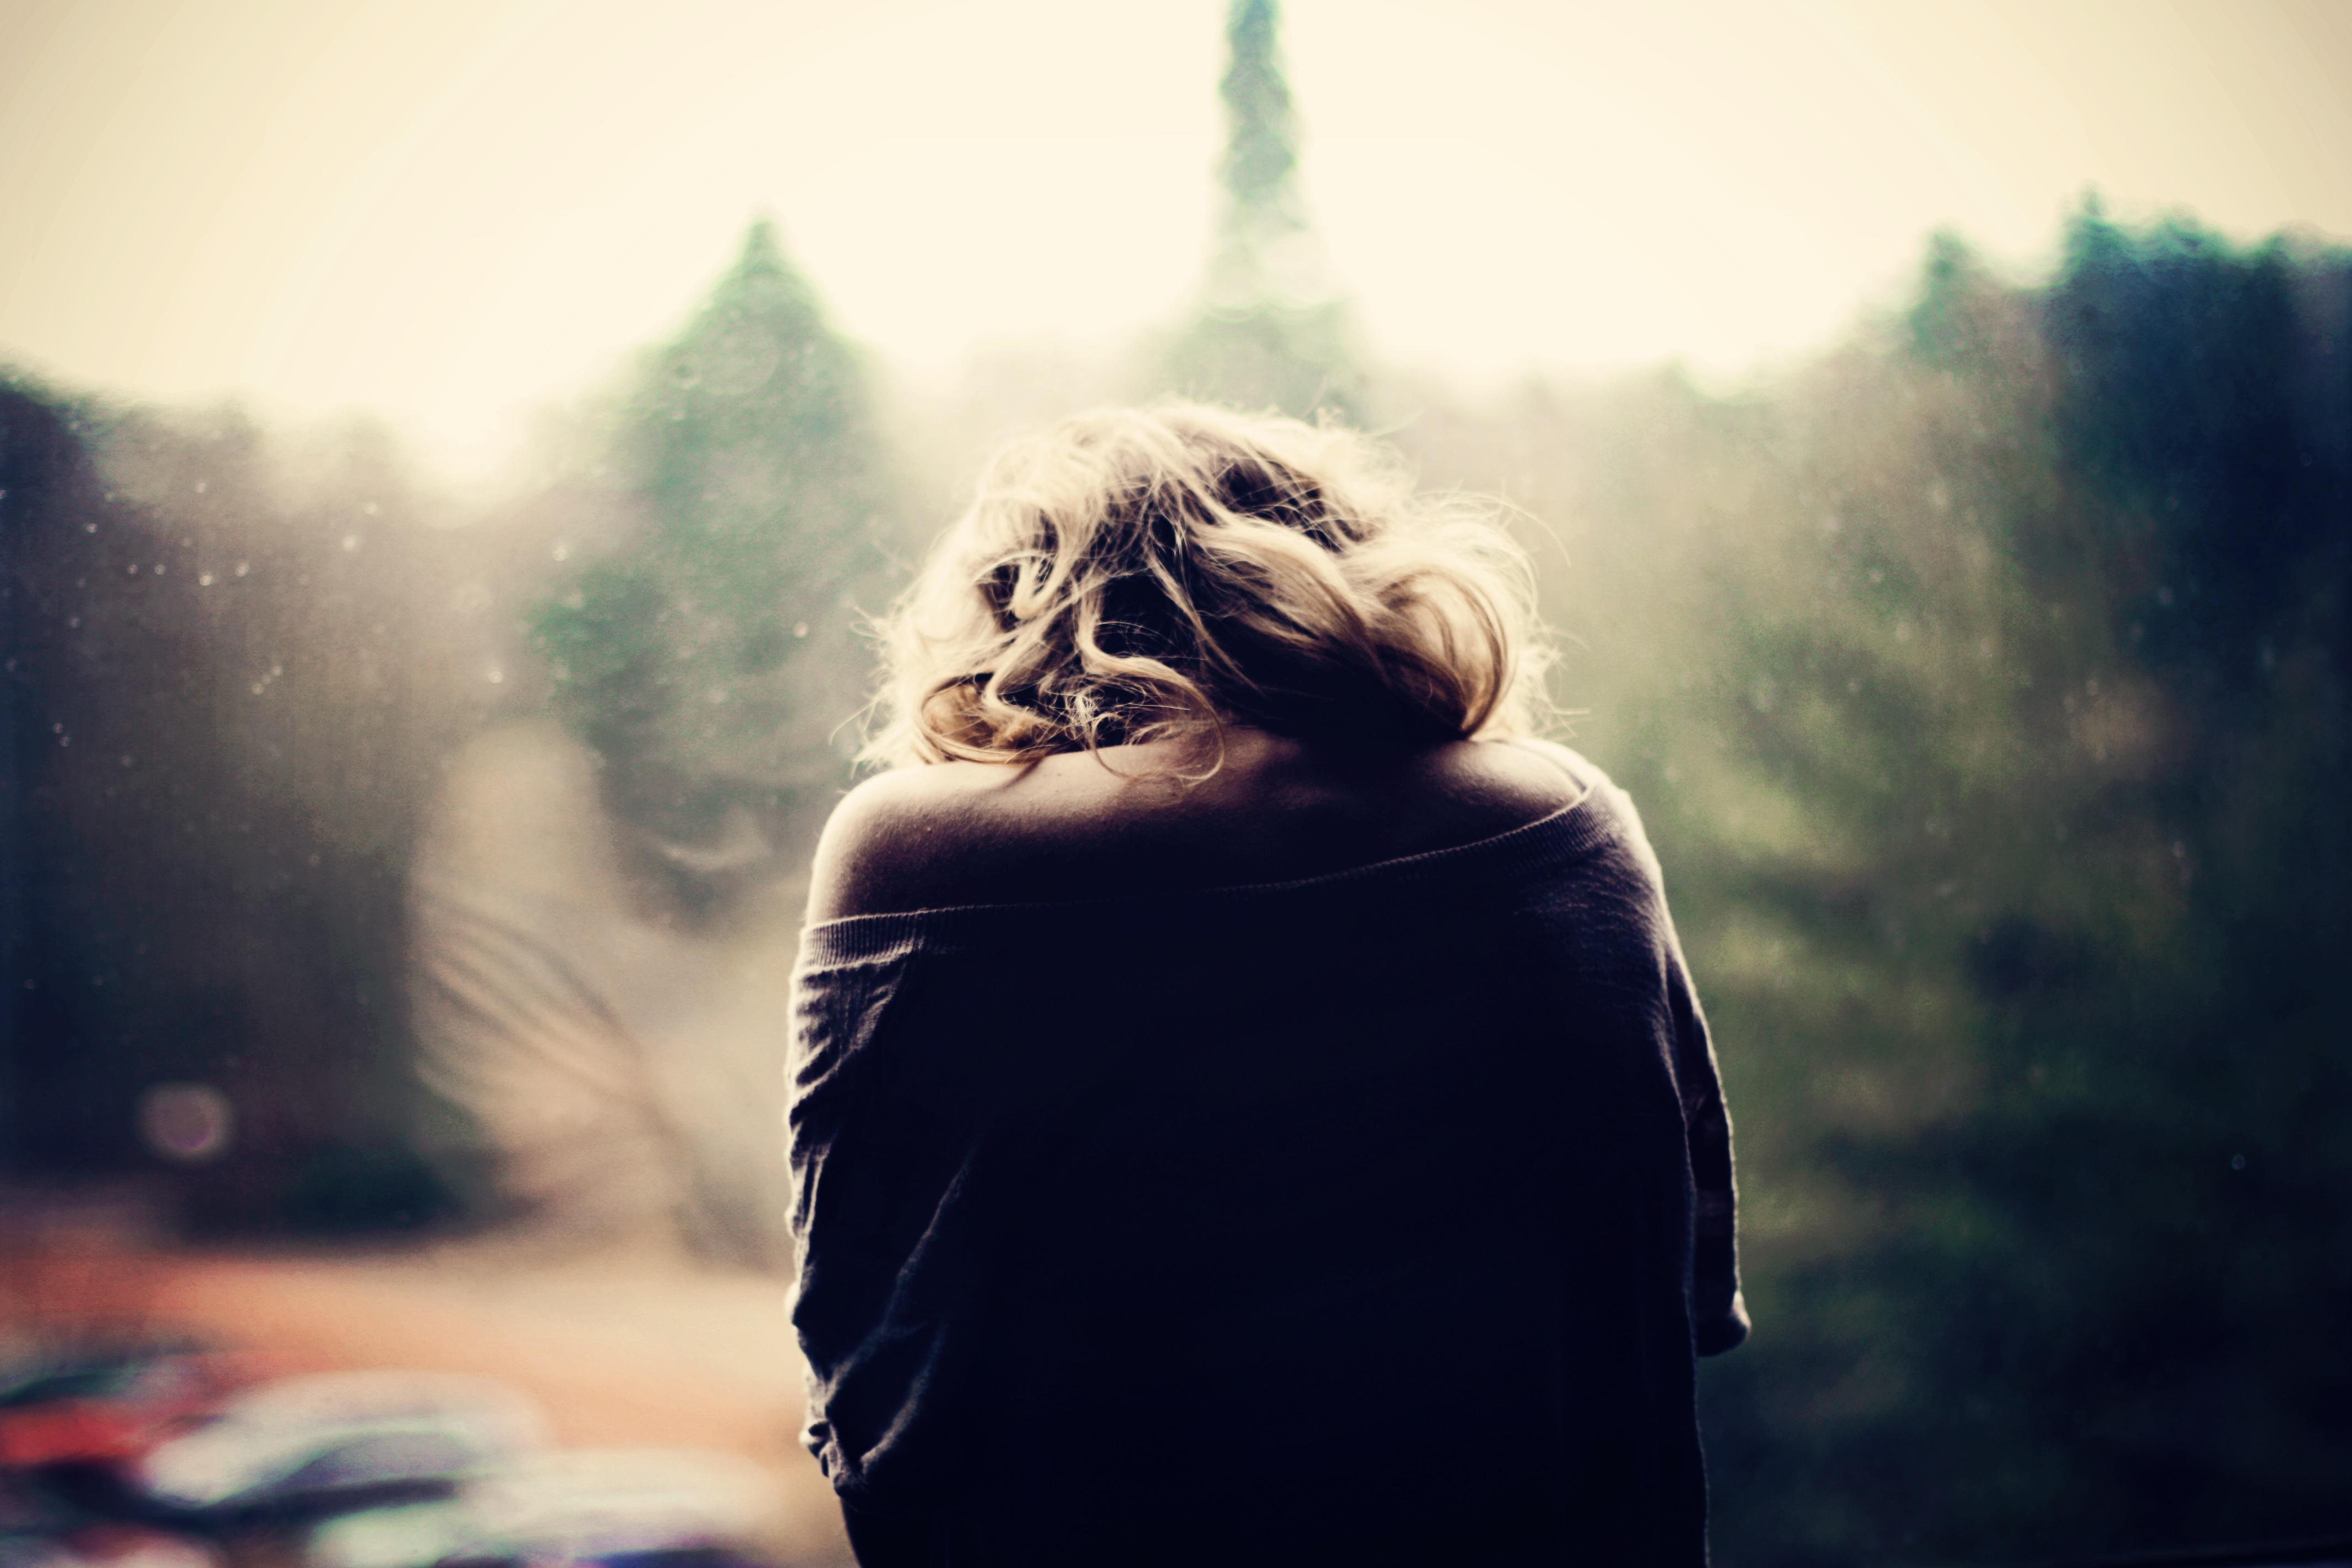 Σ' αγάπησα, που να πάρει, μα εσένα ούτε που σ' ένοιαξε.